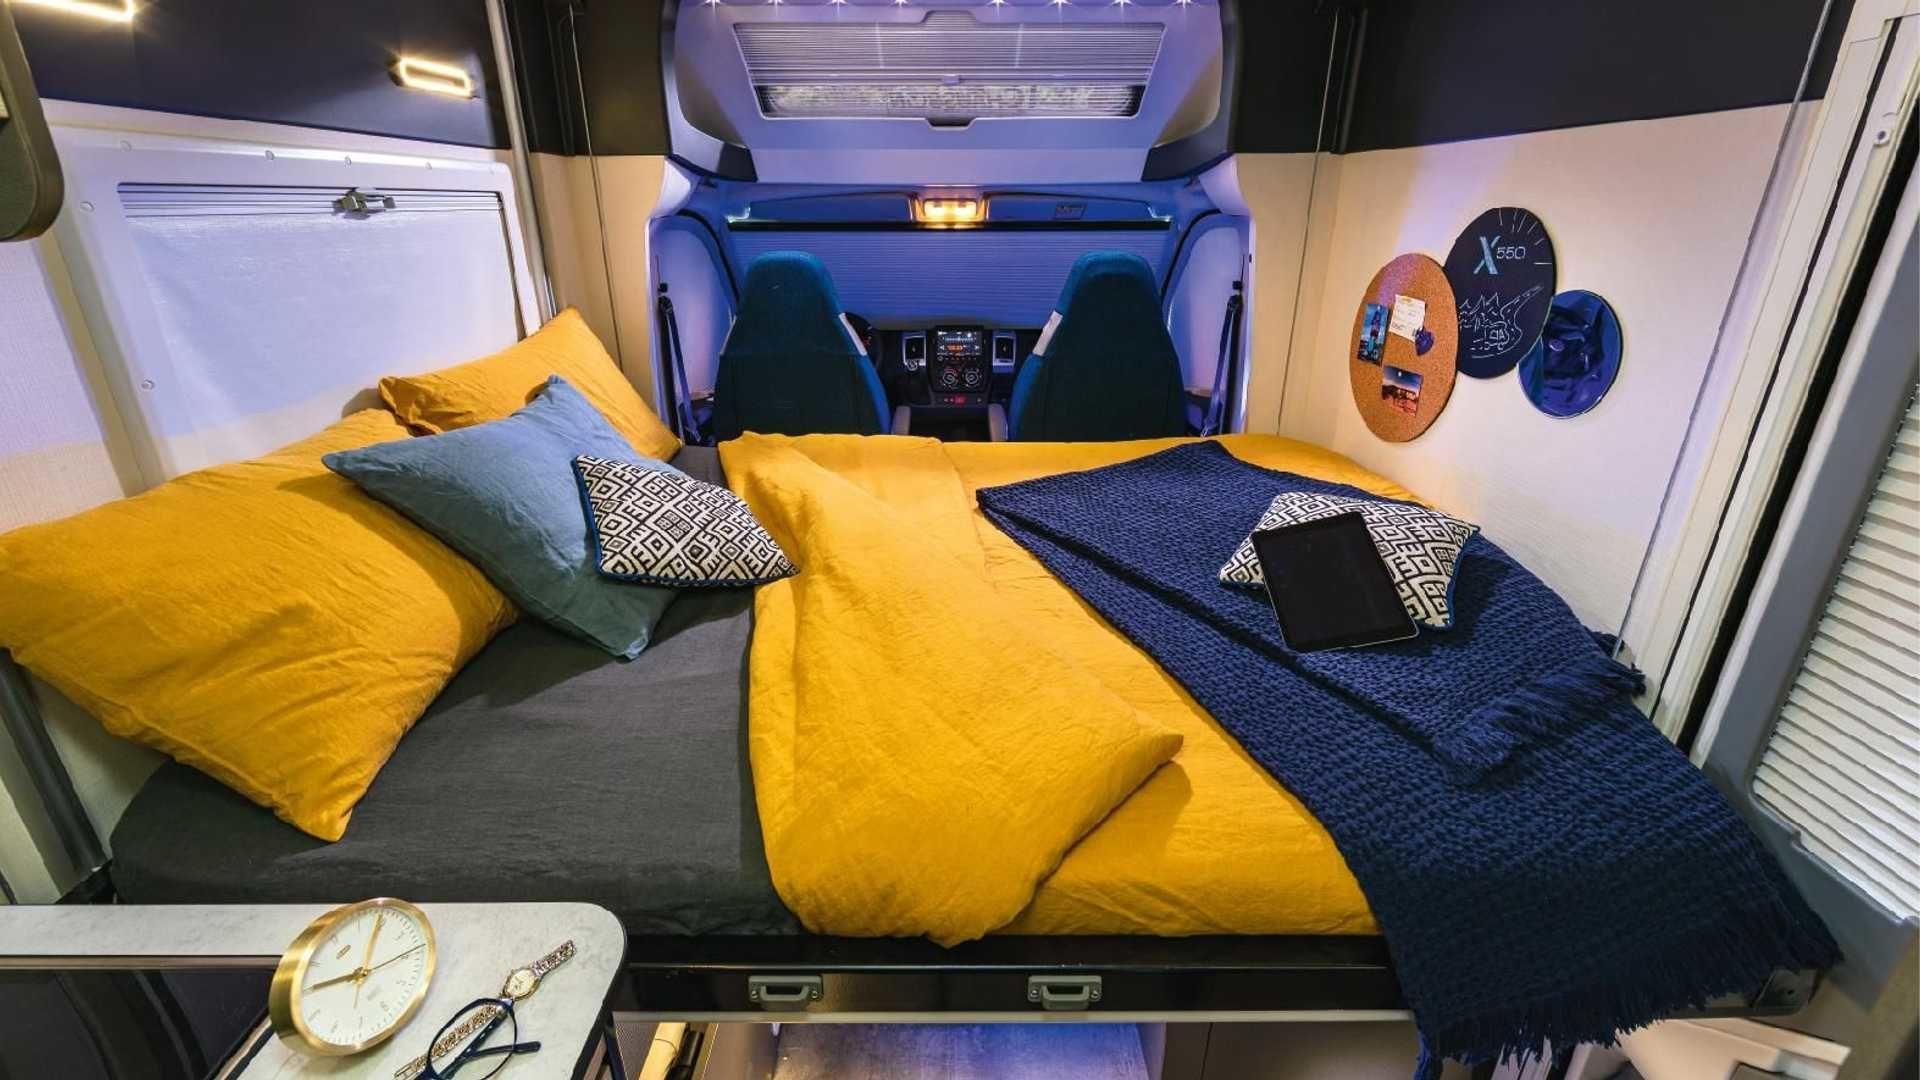 給我更多的配備!Chausson X550 能成為小尺寸多功能露營車的代表產品嗎?